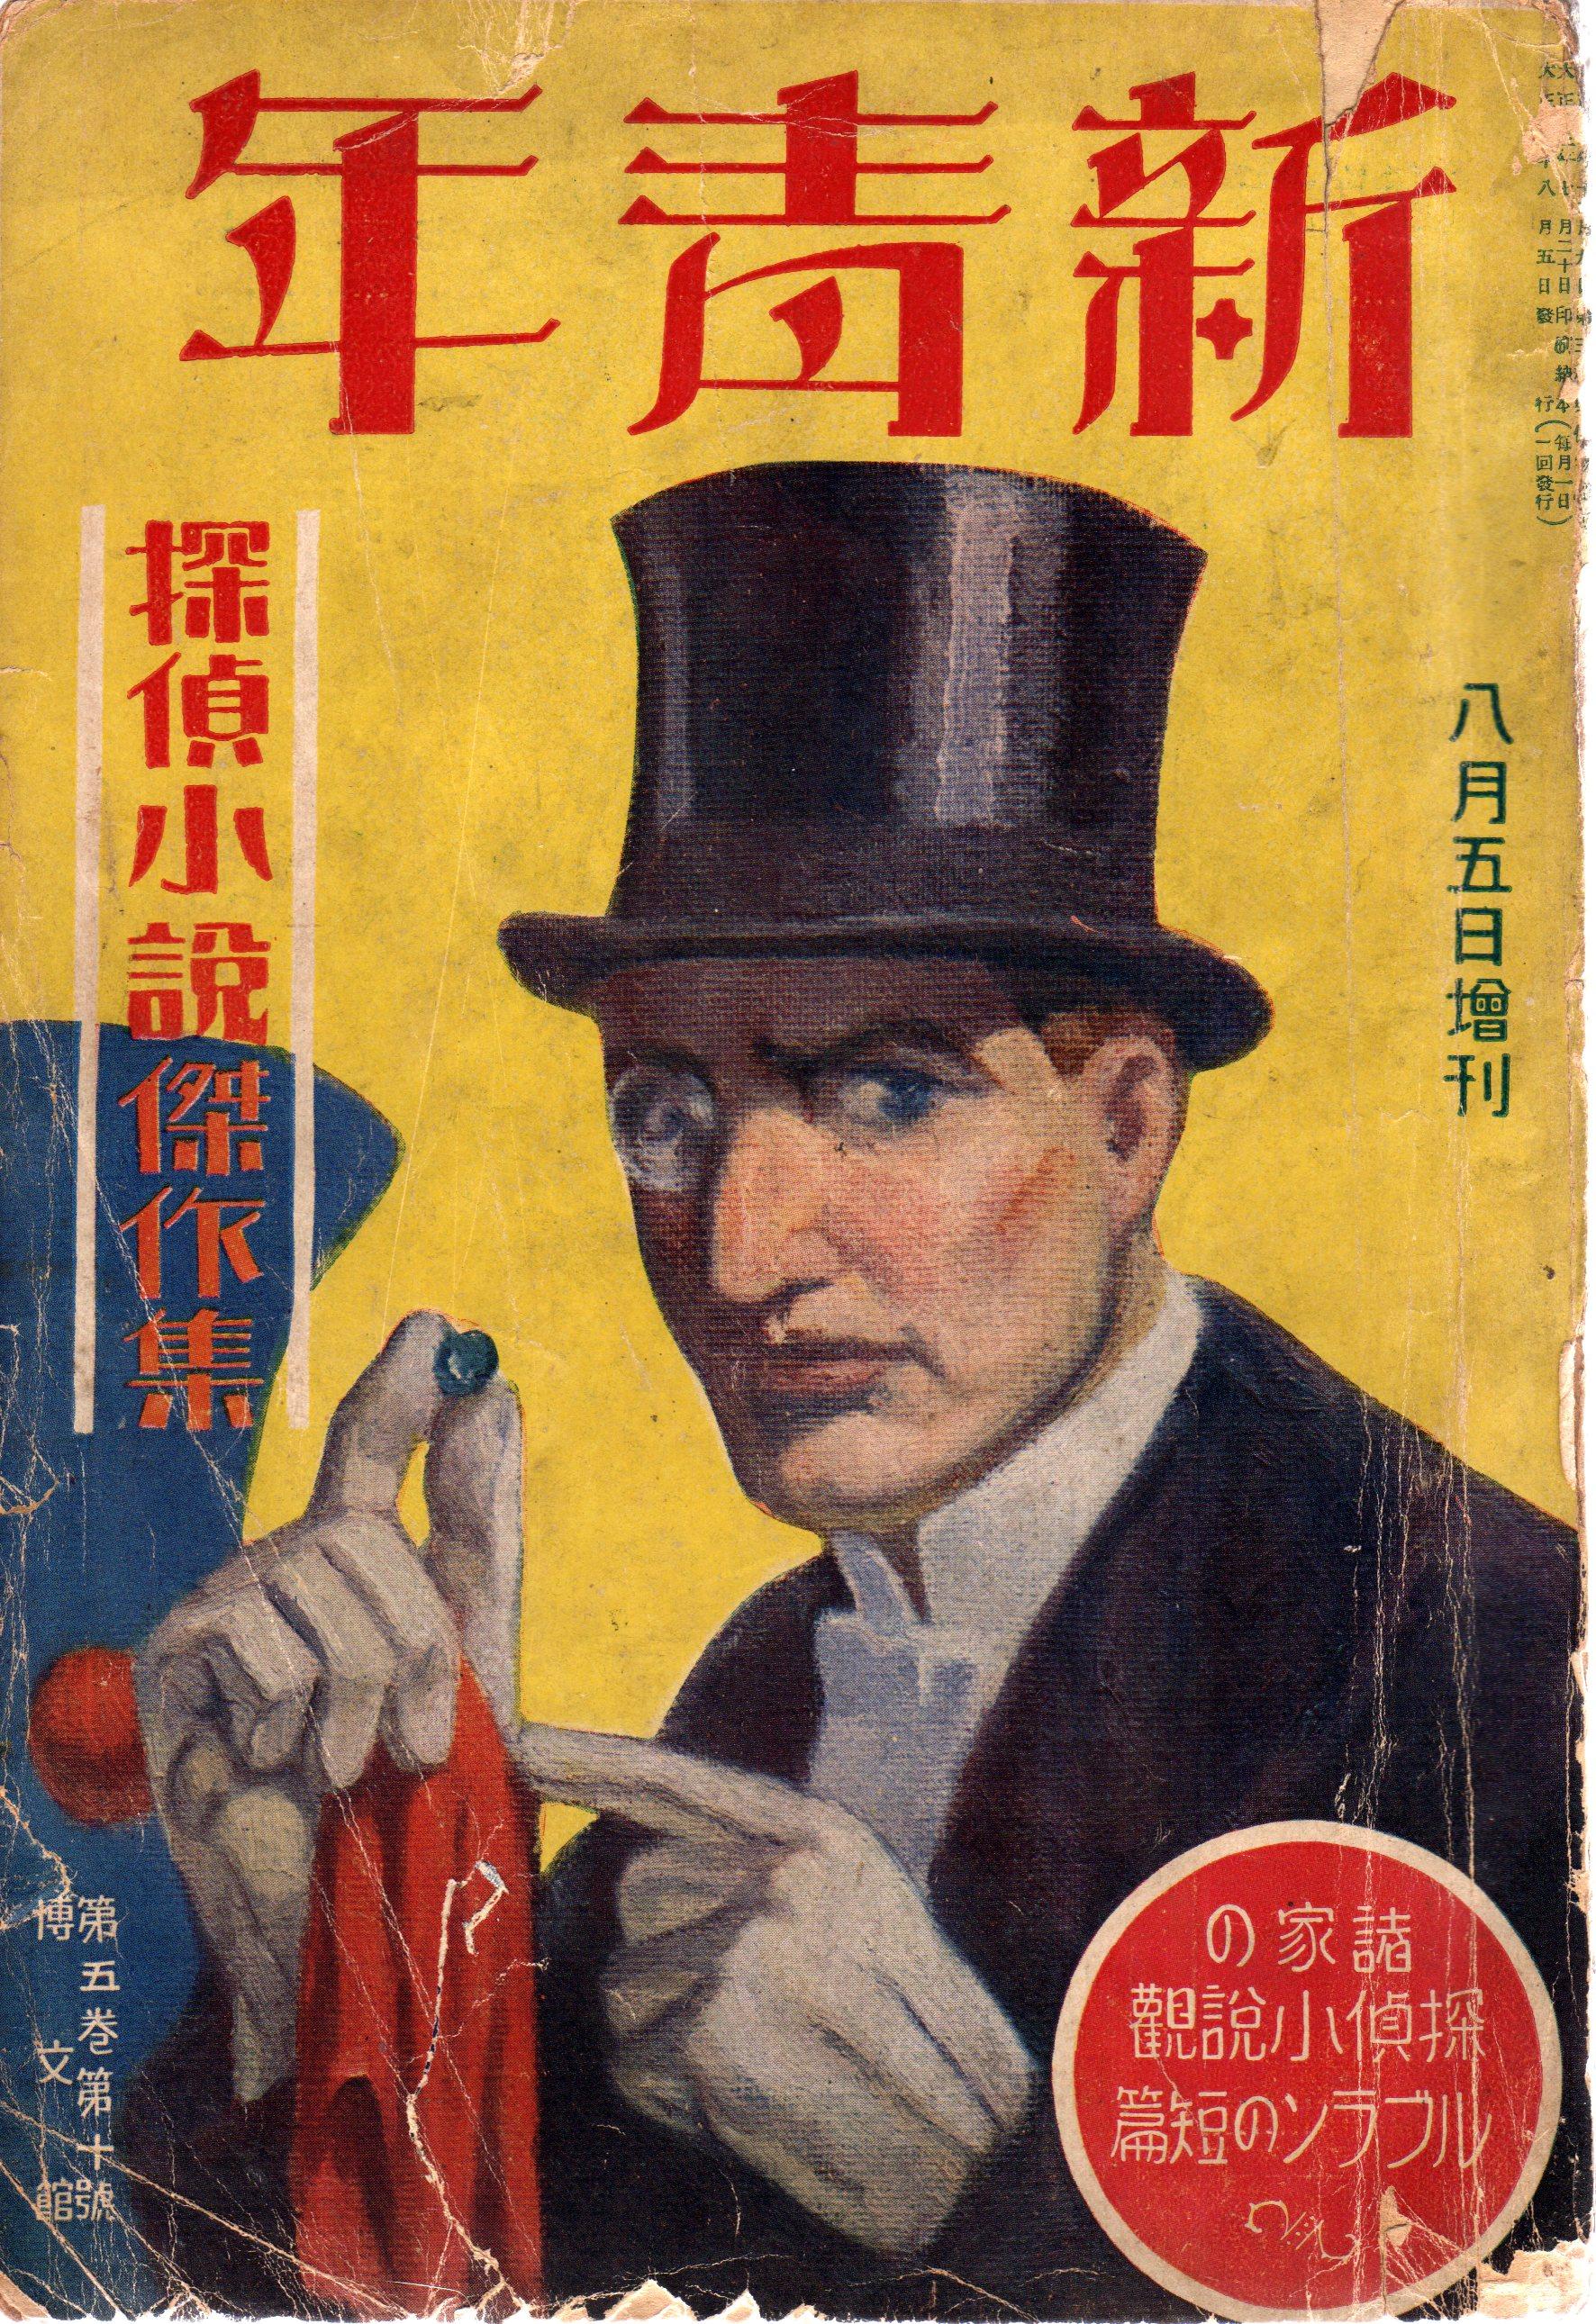 http://livedoor.blogimg.jp/bsi2211/imgs/d/d/dd5f81ad.jpg